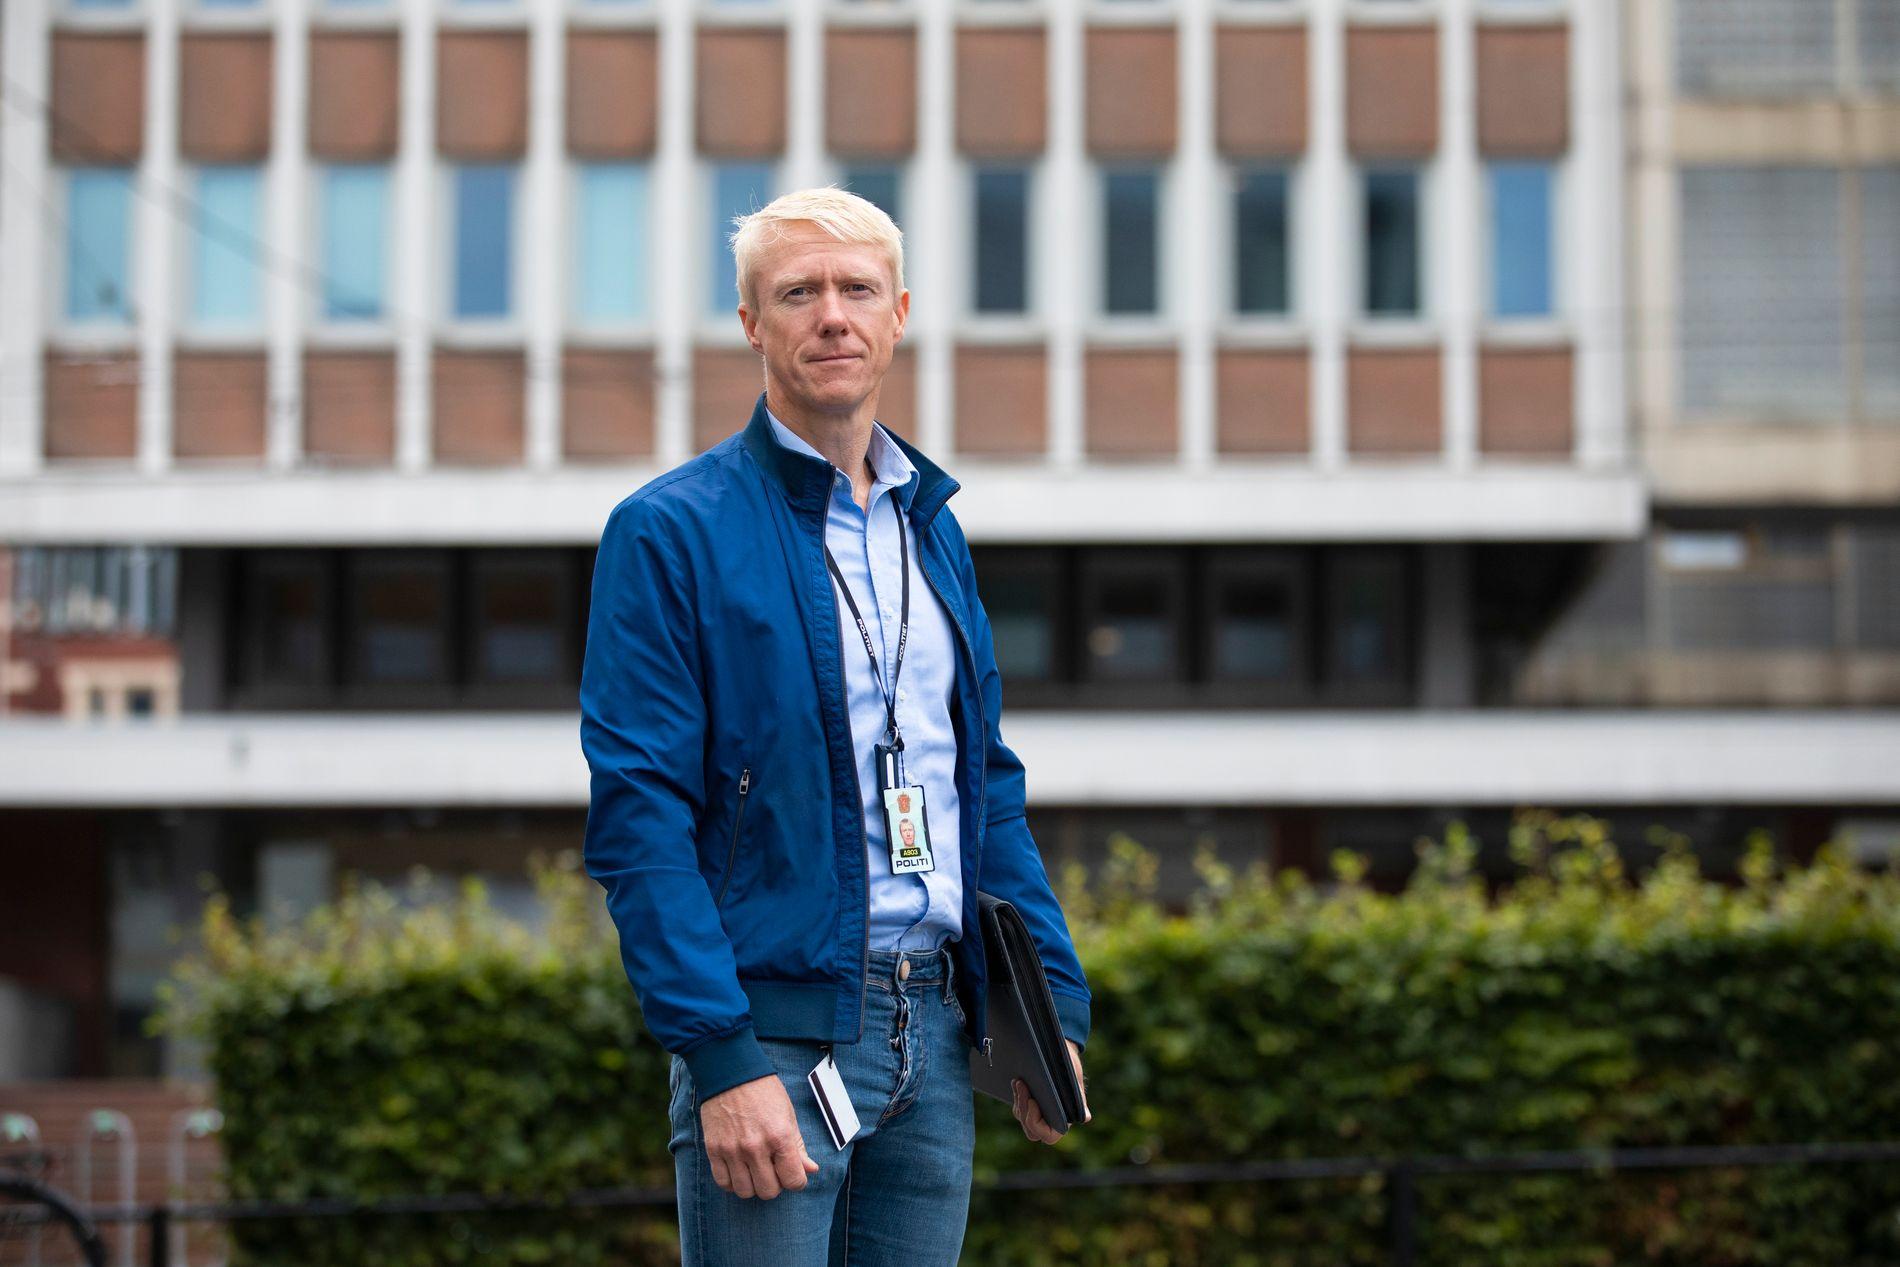 BISTÅR VARSLEREN: Ørjan Hjortland er nestleder i Politiets Fellesforbund i Hordaland. Han sier at varsleren føler seg tvunget til å gå til sivil sak som siste utvei for å bli hørt og få en rettferdig behandling.